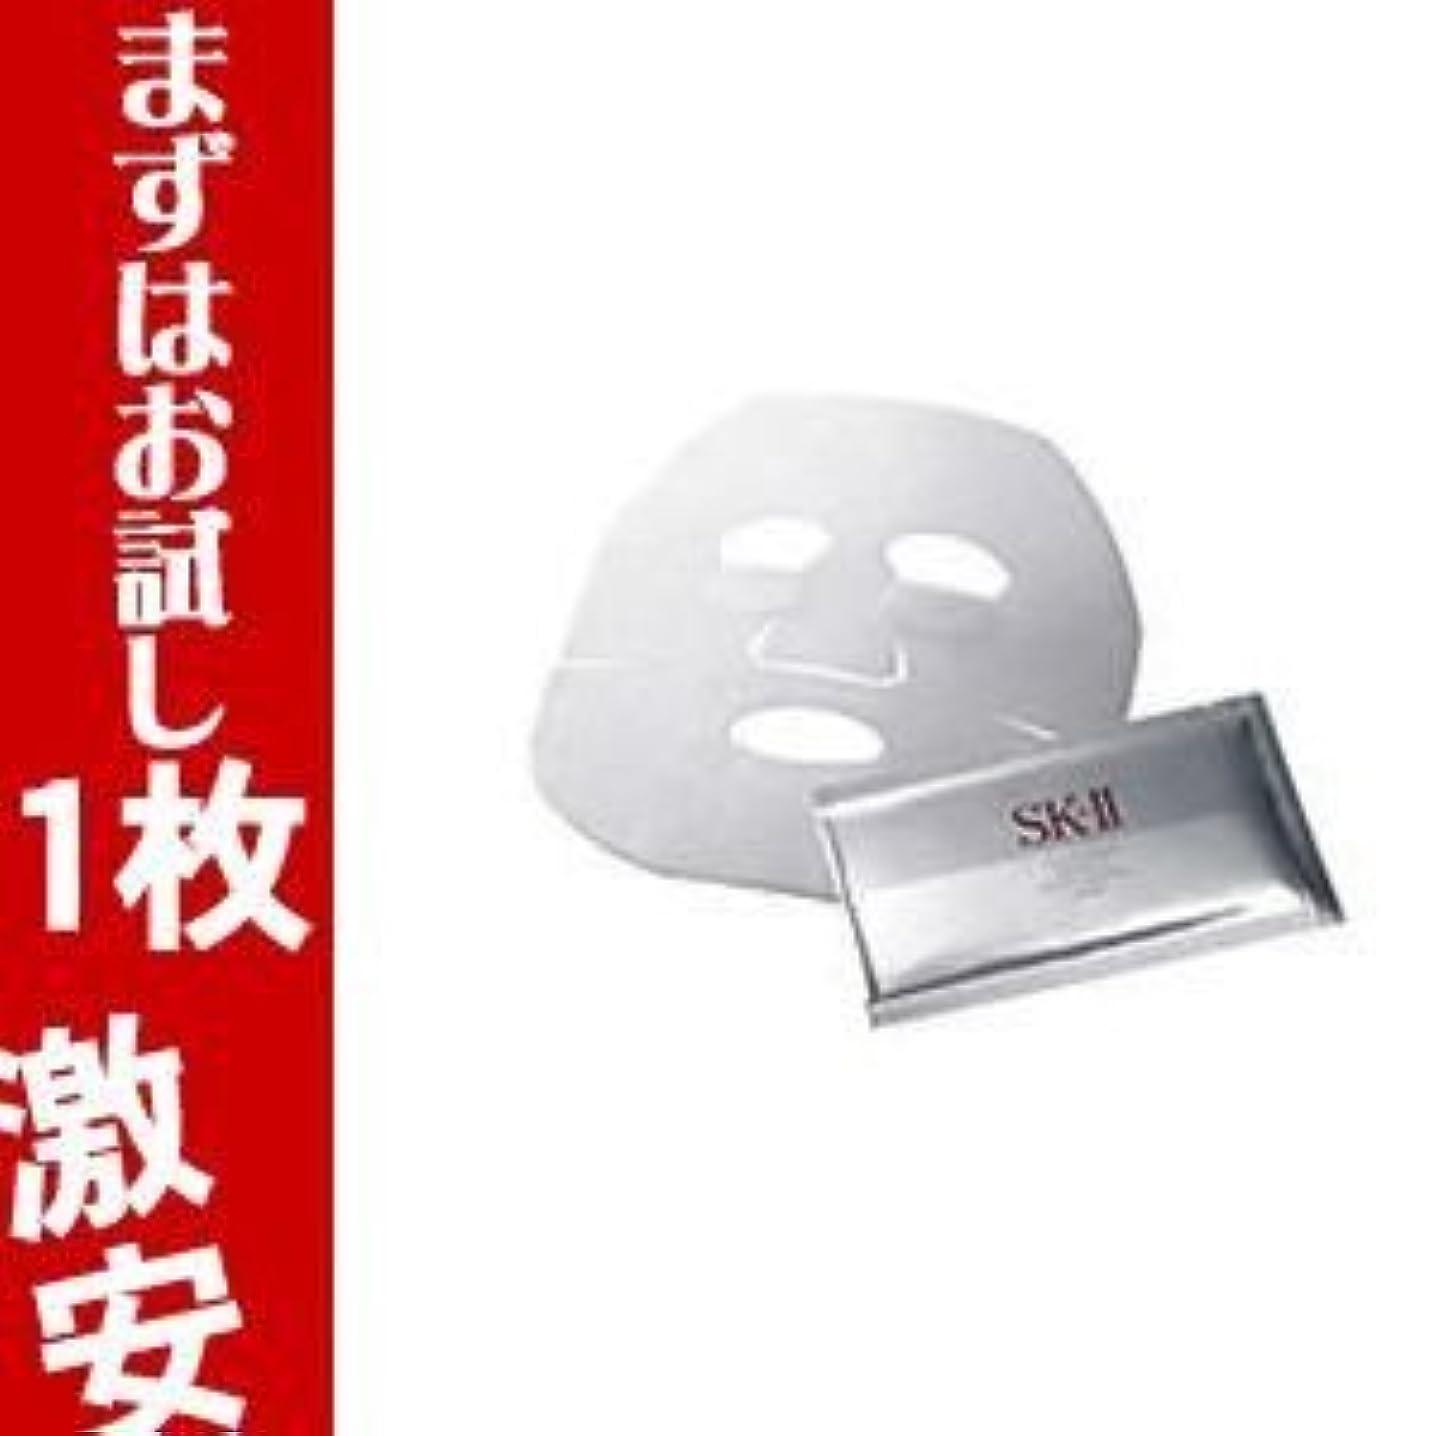 オアシス閉じ込める邪悪な【SK-II SK-2】 ホワイトニングソース ダーム リバイバル マスク 1枚  【箱なし】